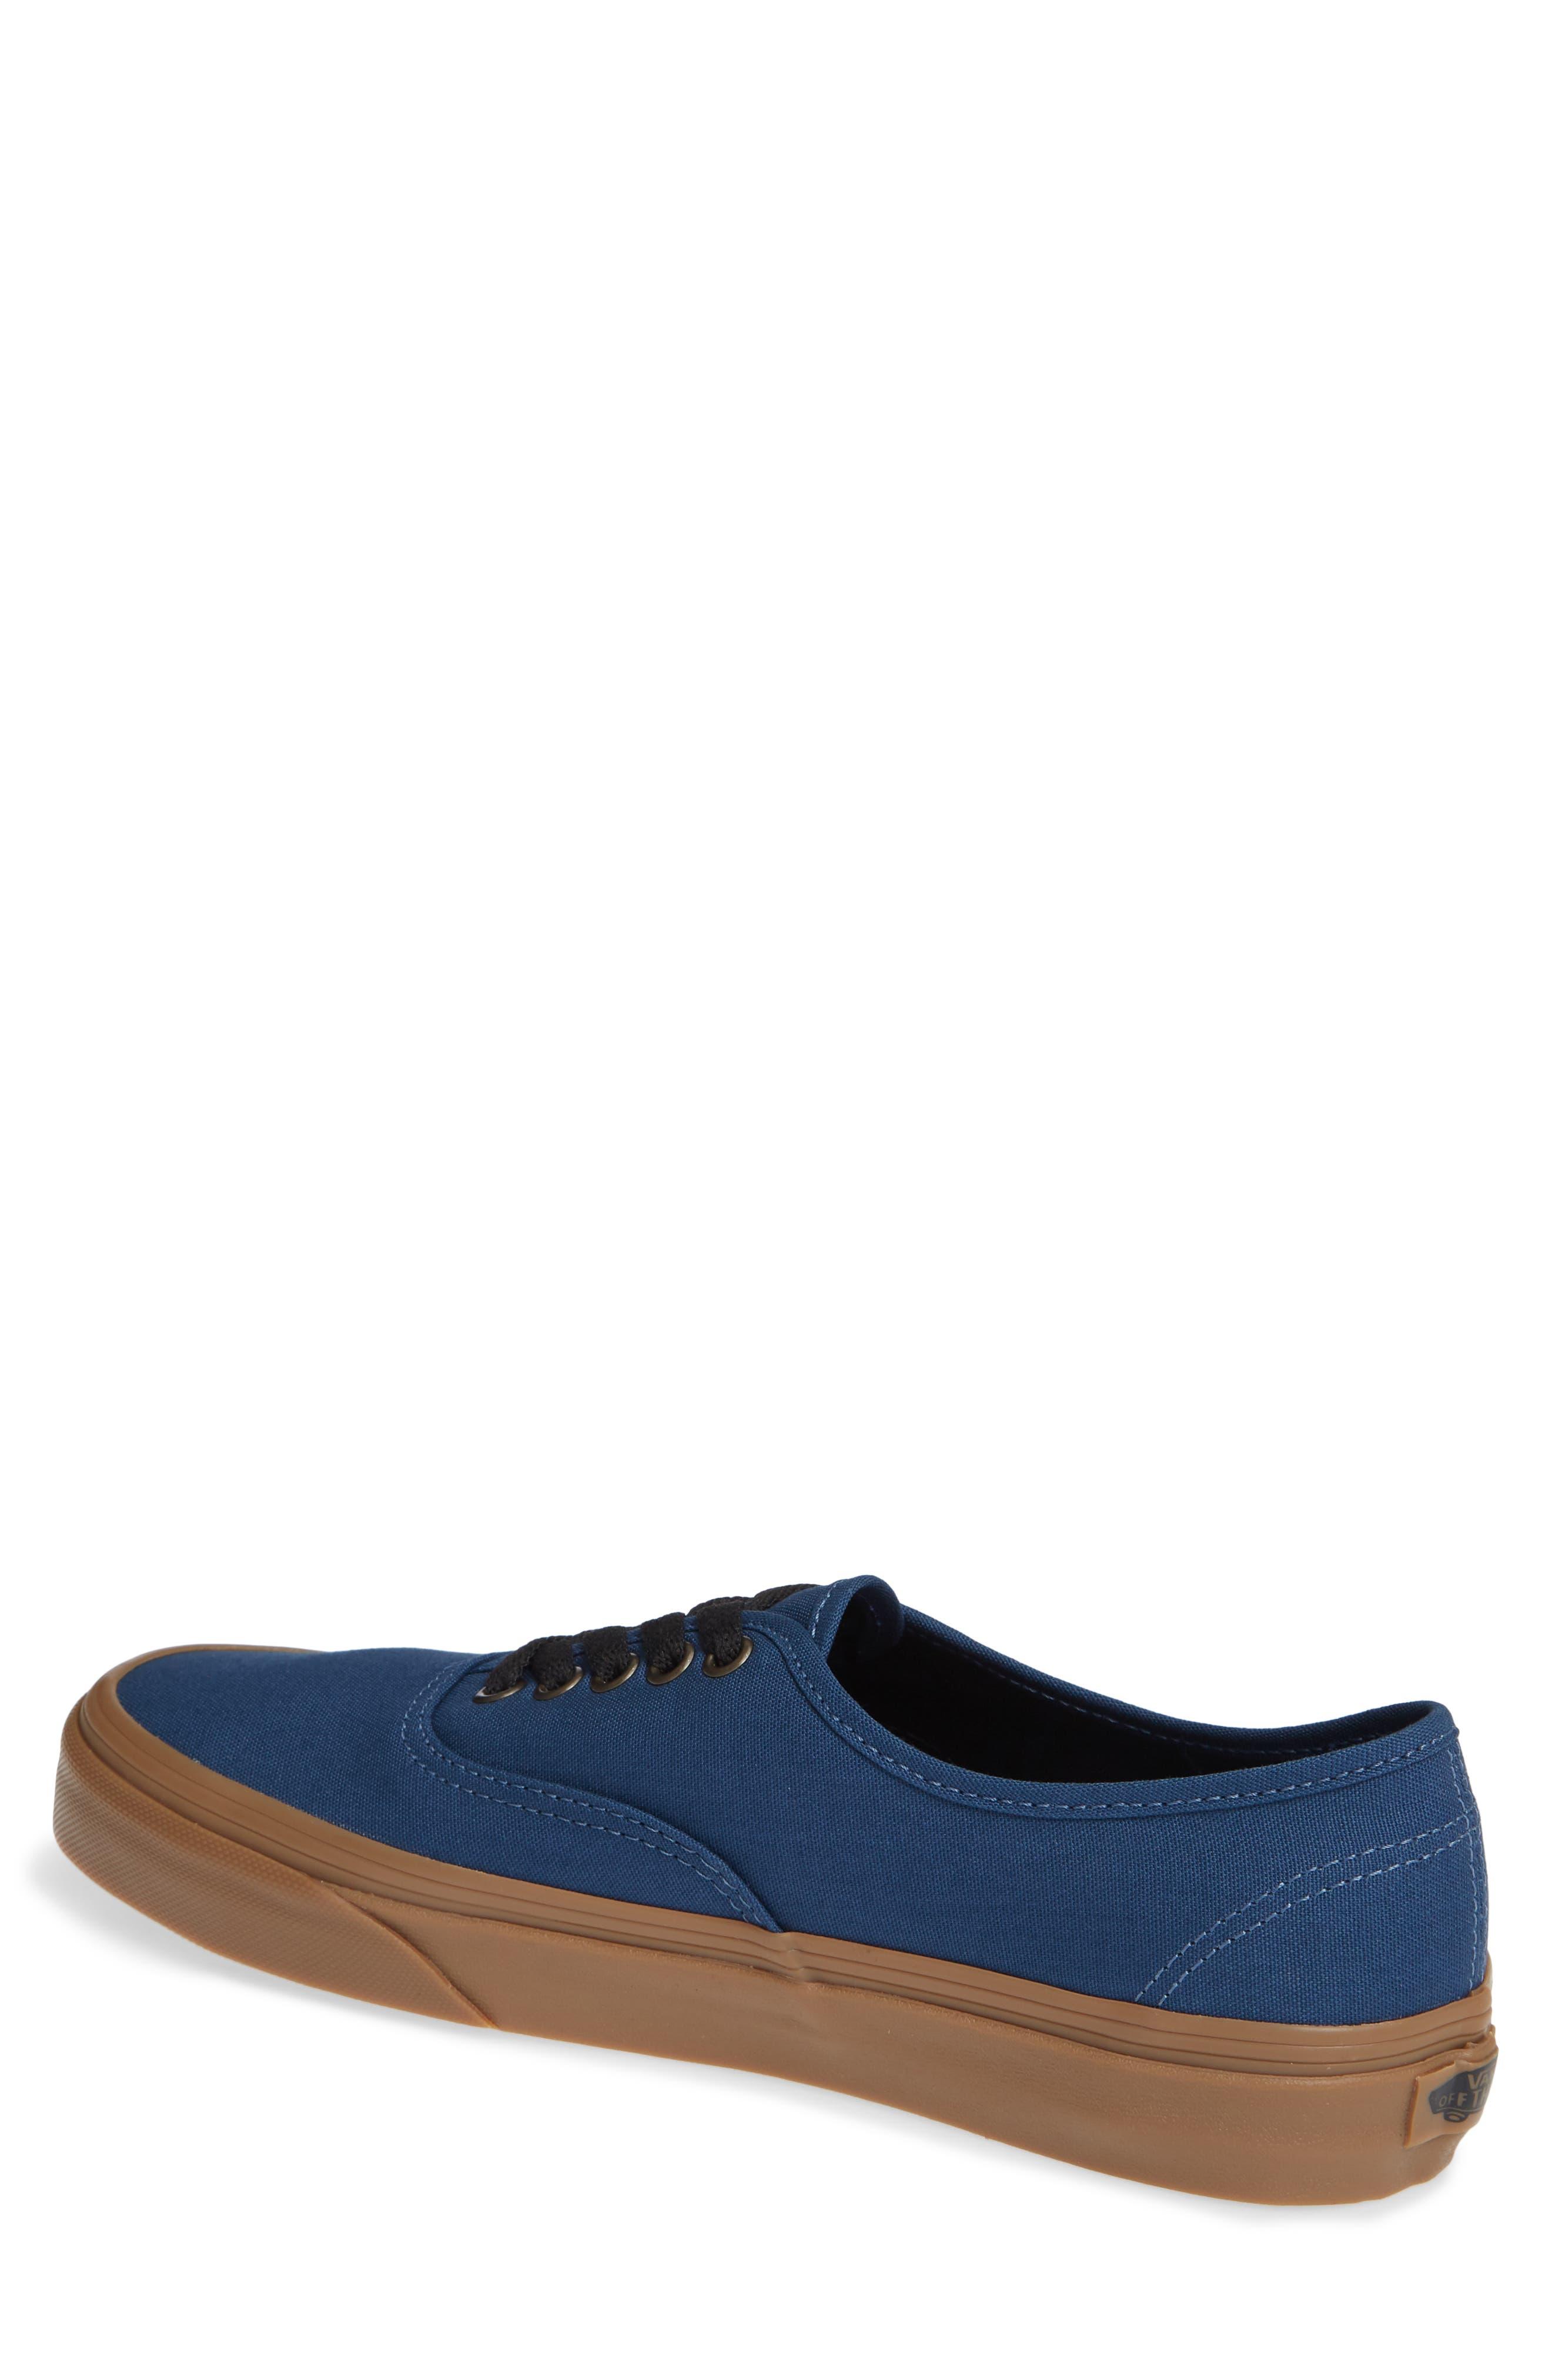 VANS,                             Authentic Gum Outsole Sneaker,                             Alternate thumbnail 2, color,                             401